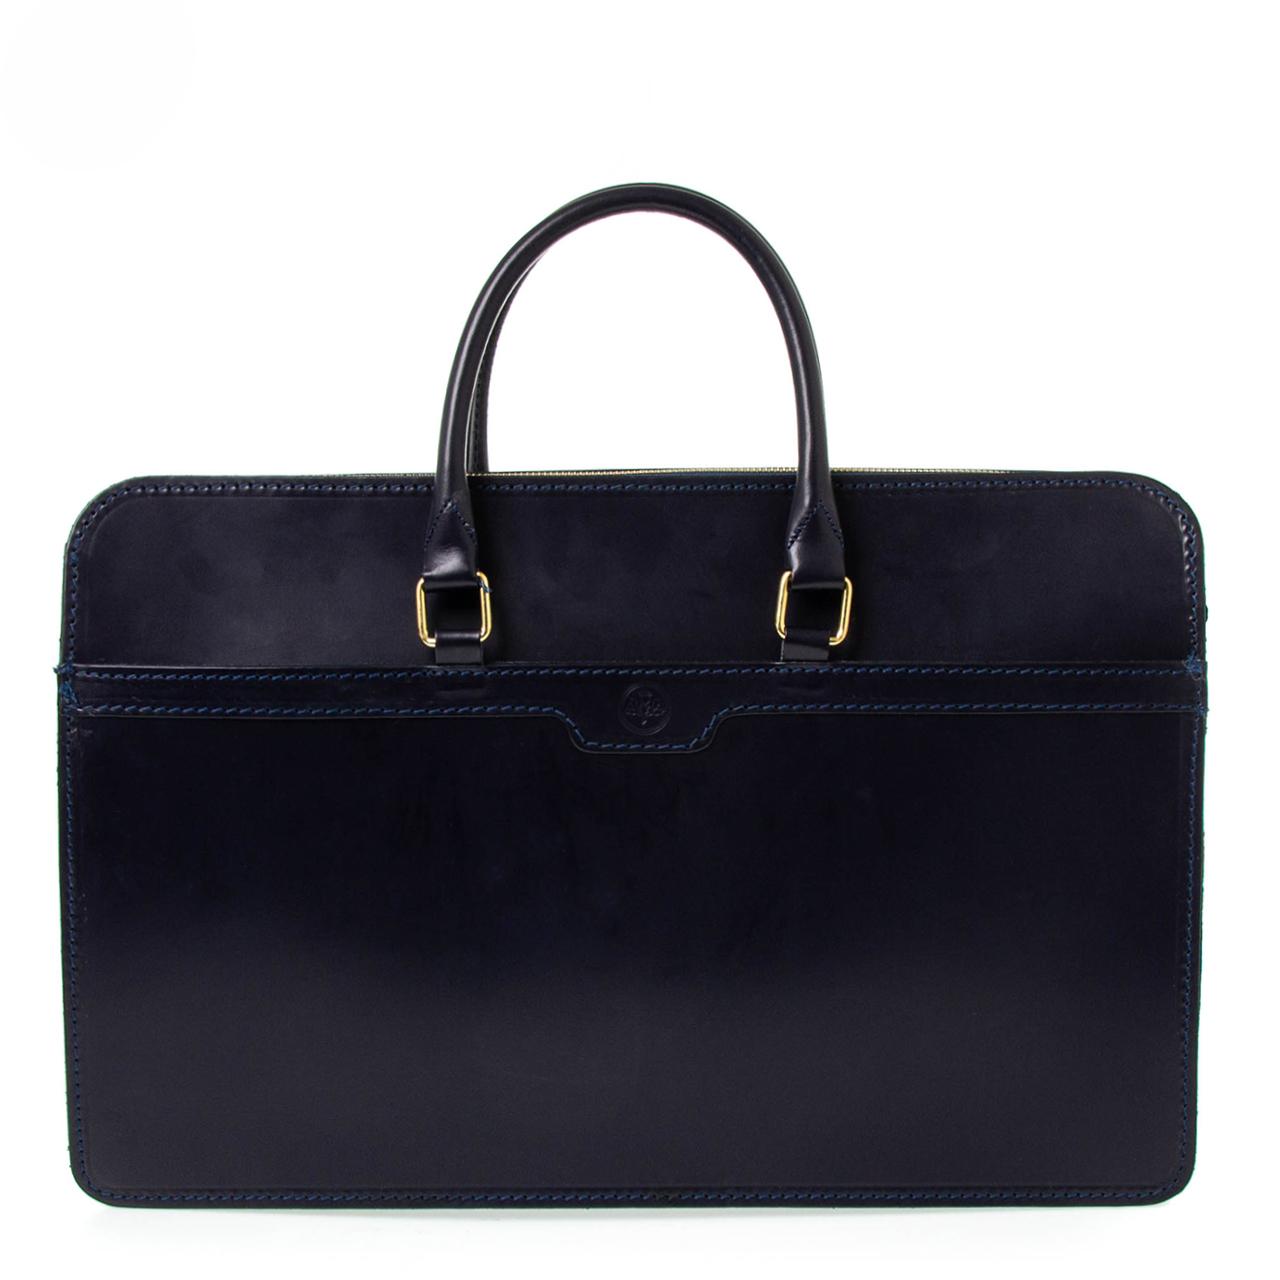 グレンロイヤル GLENROYAL バッグ メンズ ブリーフケース ネイビー 2 HANDLE ZIP CASE 02-5225 NAVY 【A4】【英国】